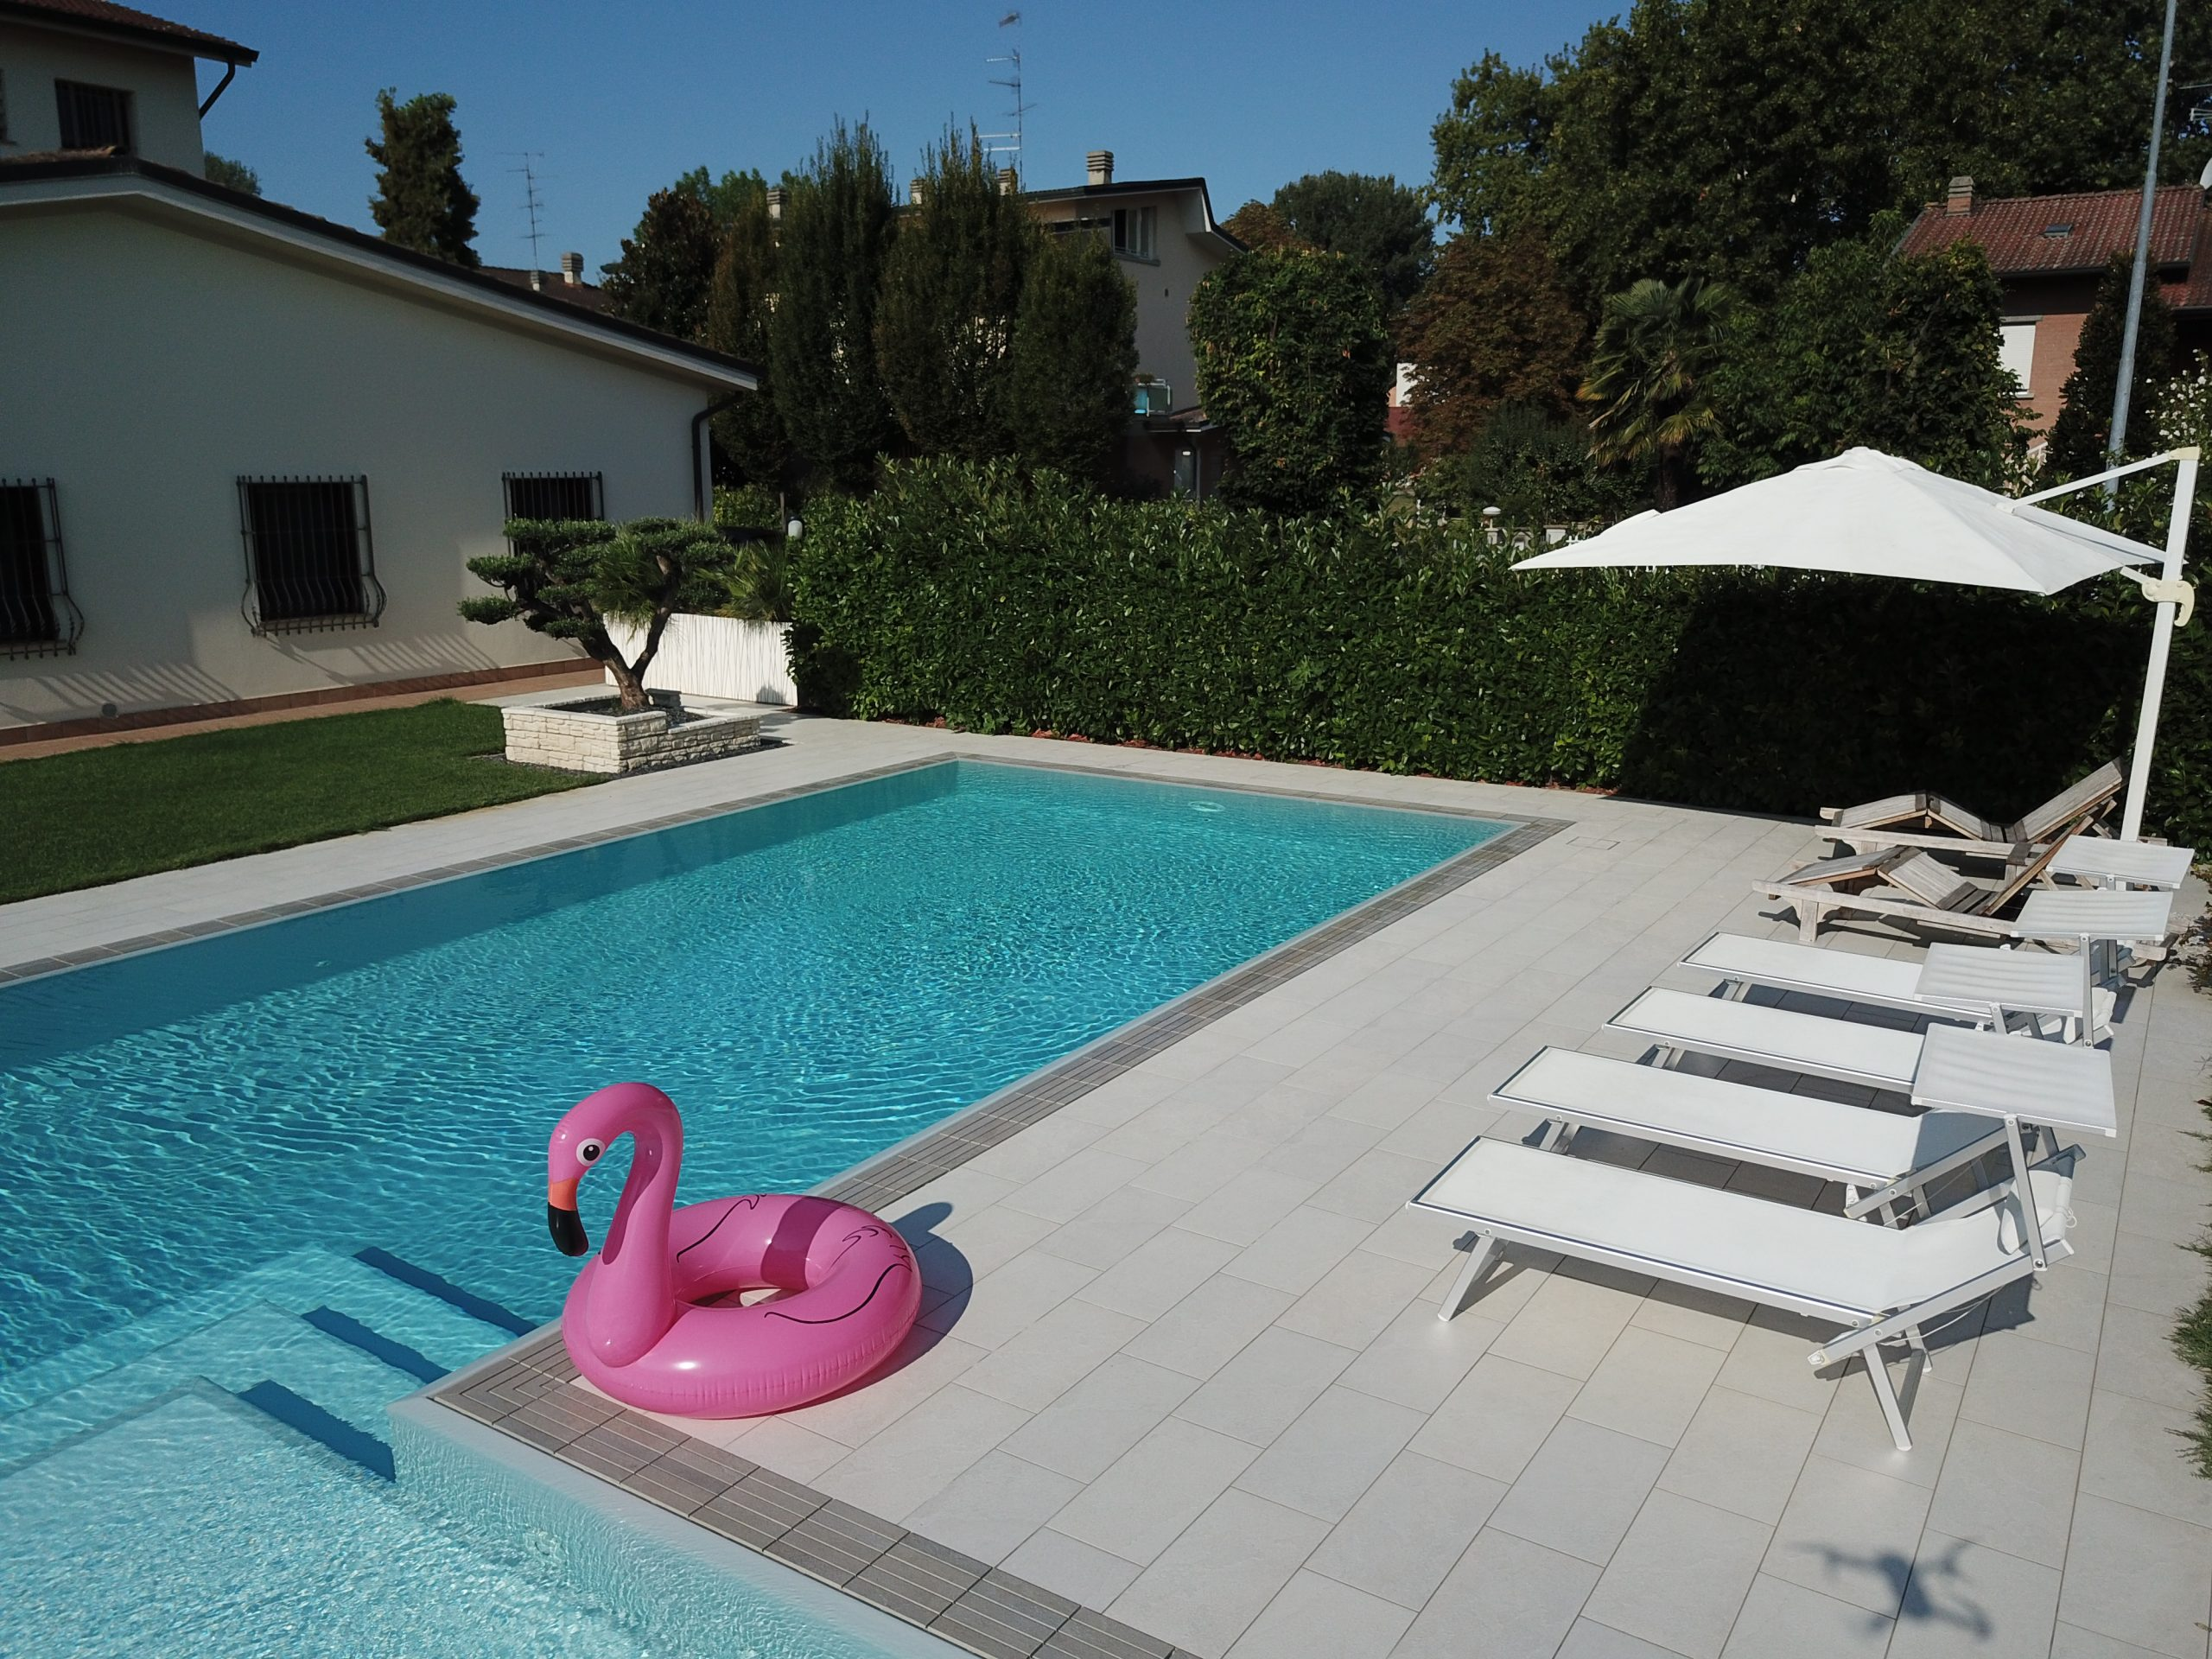 płytka basen ogród taras tarasowa basenowa